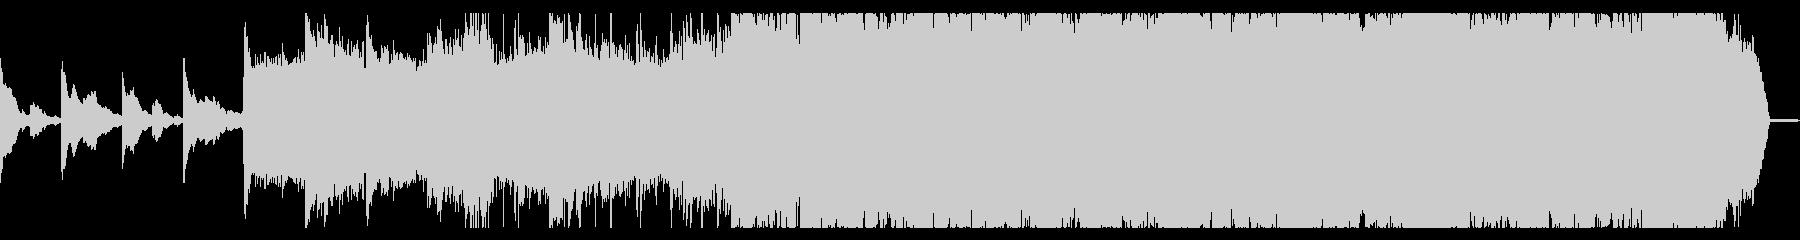 壮大なサウンドスケープロックインストの未再生の波形